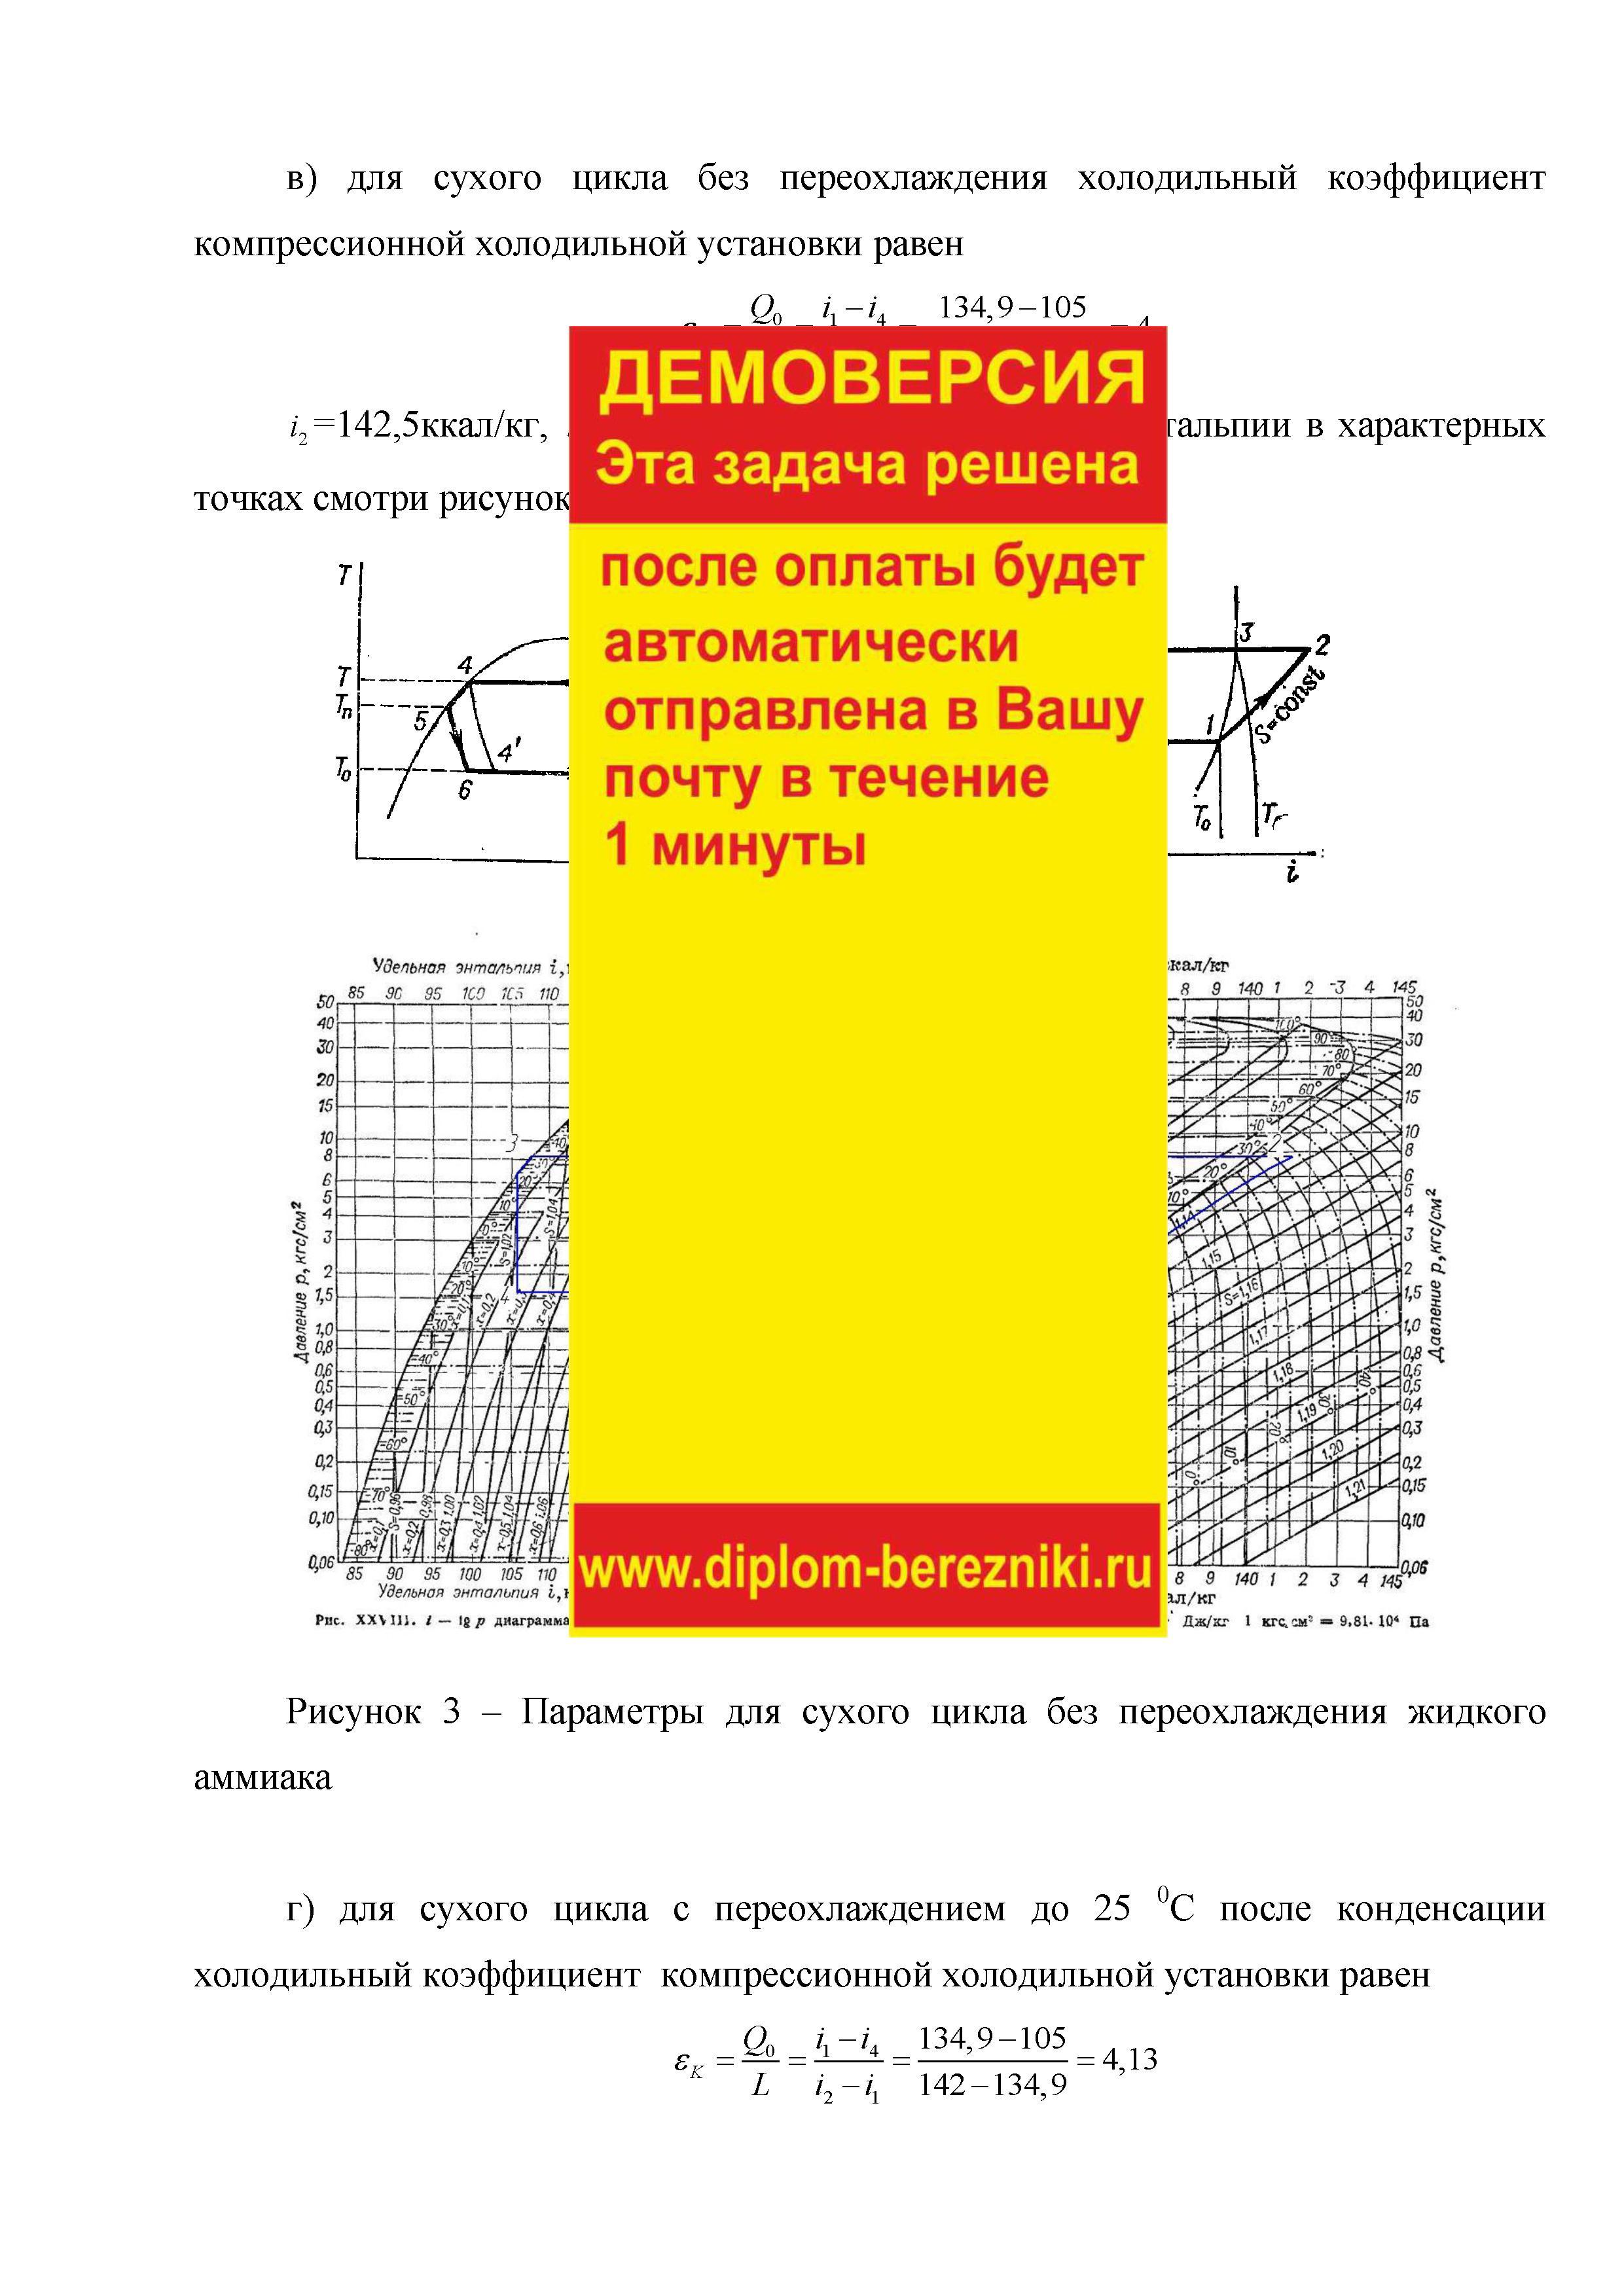 Решение задачи 11.6  по ПАХТ из задачника Павлова Романкова Носкова